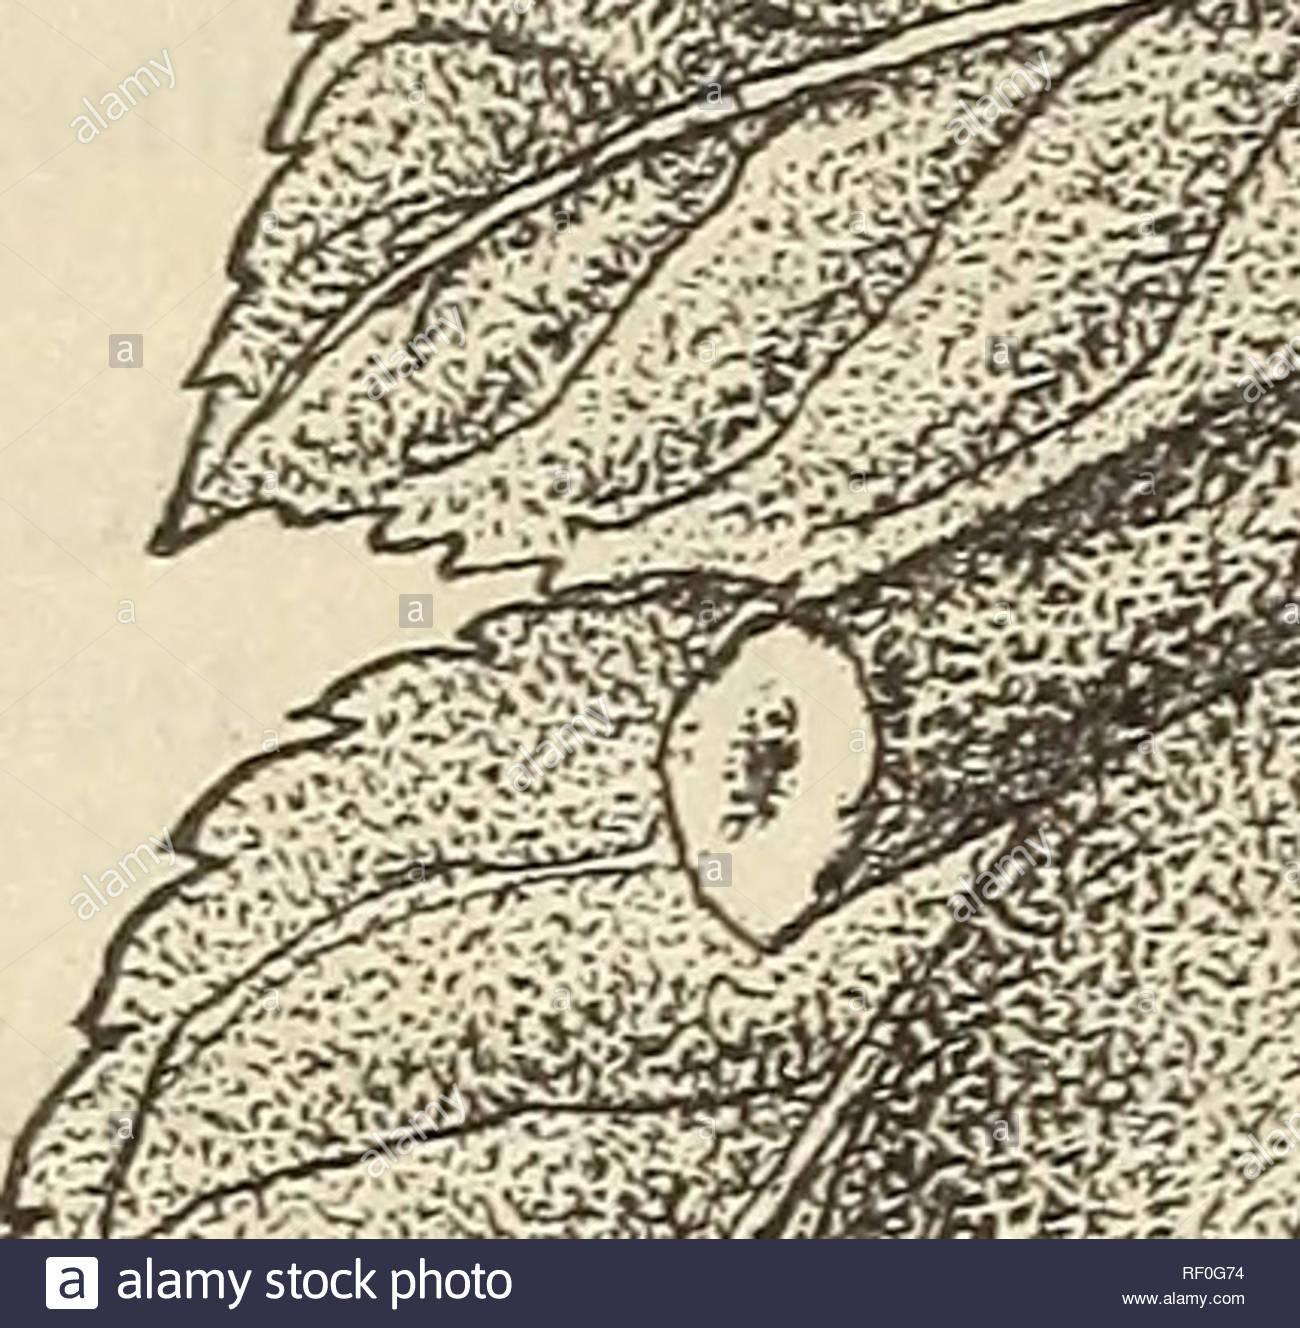 katalog von milford baumschulen fur herbst 1890 baumschulen gartenbau delaware milford kataloge obstbaume obst samlinge samlinge kataloge kataloge 4 aprikosen kki uckl grosse ahnlich dem pfirsich mit glatten stein wertvolle forearliness es erfordert uber gleiche behandlung wie pflaumen nektarinen und brugnolen baren gehen xi kulturen unter gunstigen umstanden preise je 30 cenis 2 50 er10 juni gesprosst 2 pro dutzend 12 pro 100 fruhe golden kleine rundliche farbe orange fleisch gelb jucy und suss trennt von der steinzeit golden drop gute grosse leuchtend orange und cr rf0g74